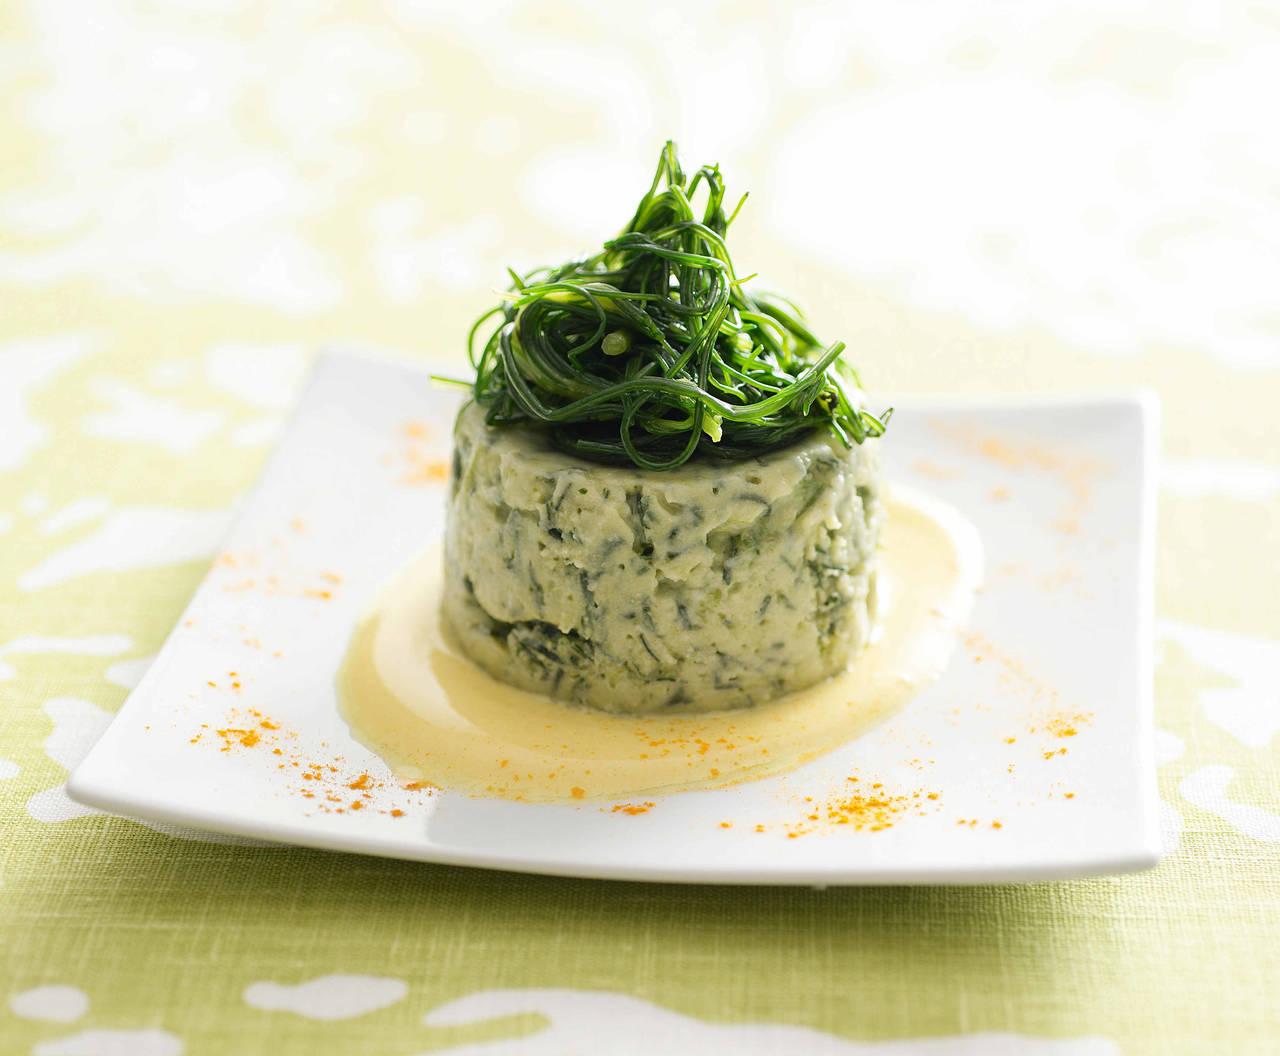 Ricette risotti alta cucina ricette popolari sito culinario for Ricette alta cucina italiana